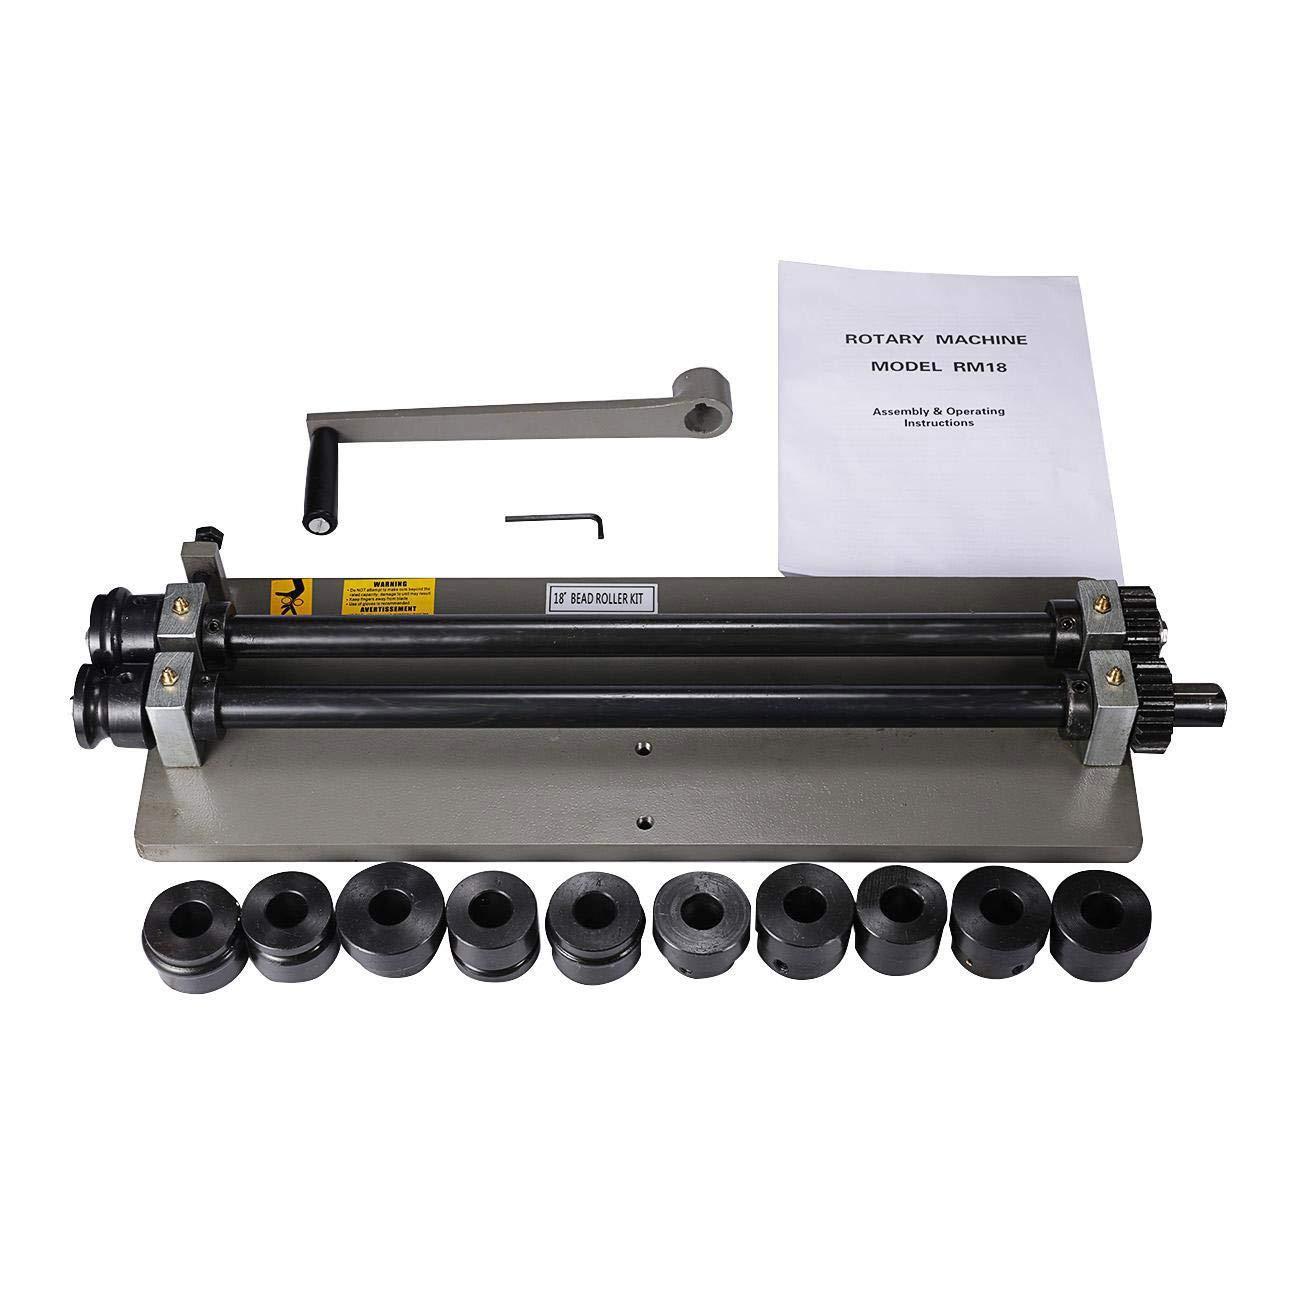 WICHEMI Sheet Metal Bead Roller Machine 18 inch Steel Gear Drive Bench Mount w/ 6 Dies